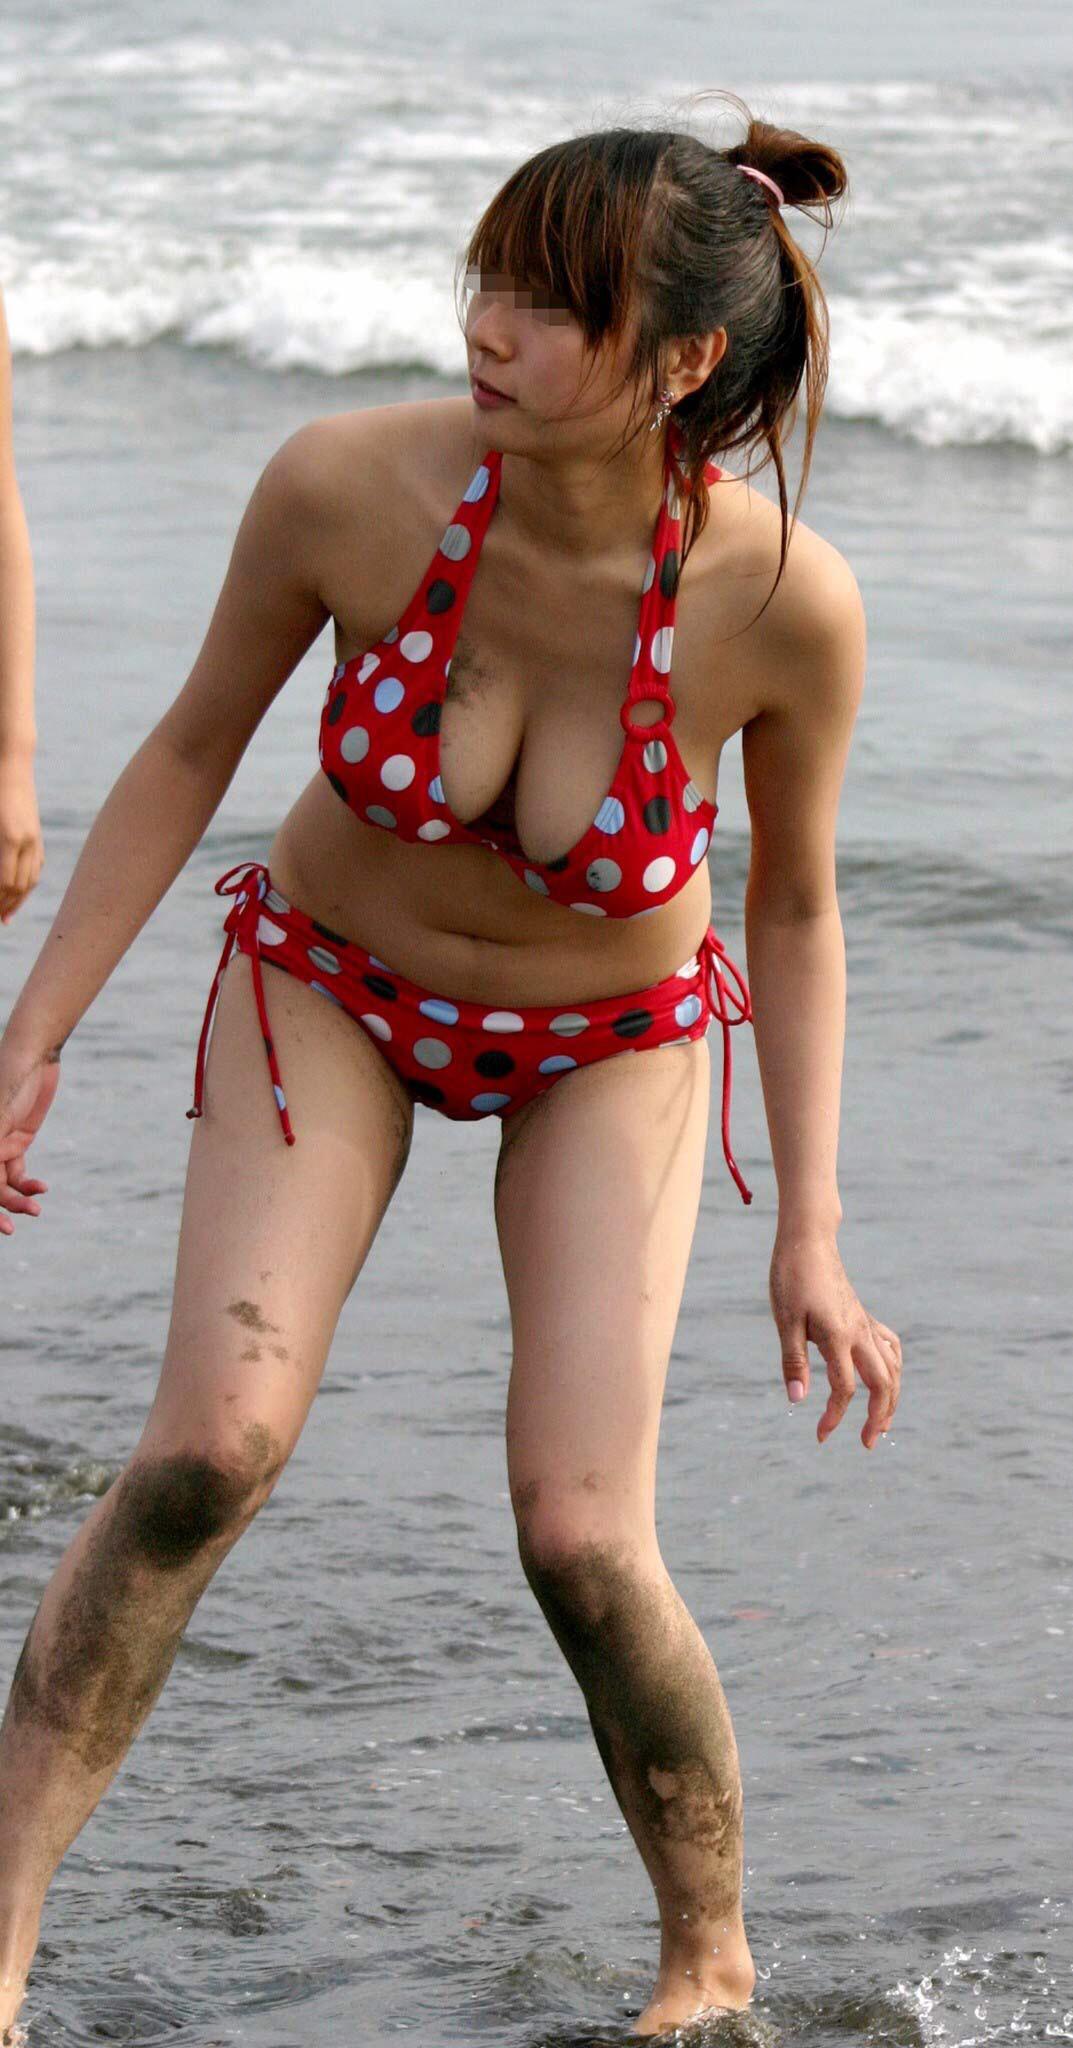 【画像あり】巨乳おっぱいしたビキニのお姉さん『海なう。』wwwwwww g1vmxgK